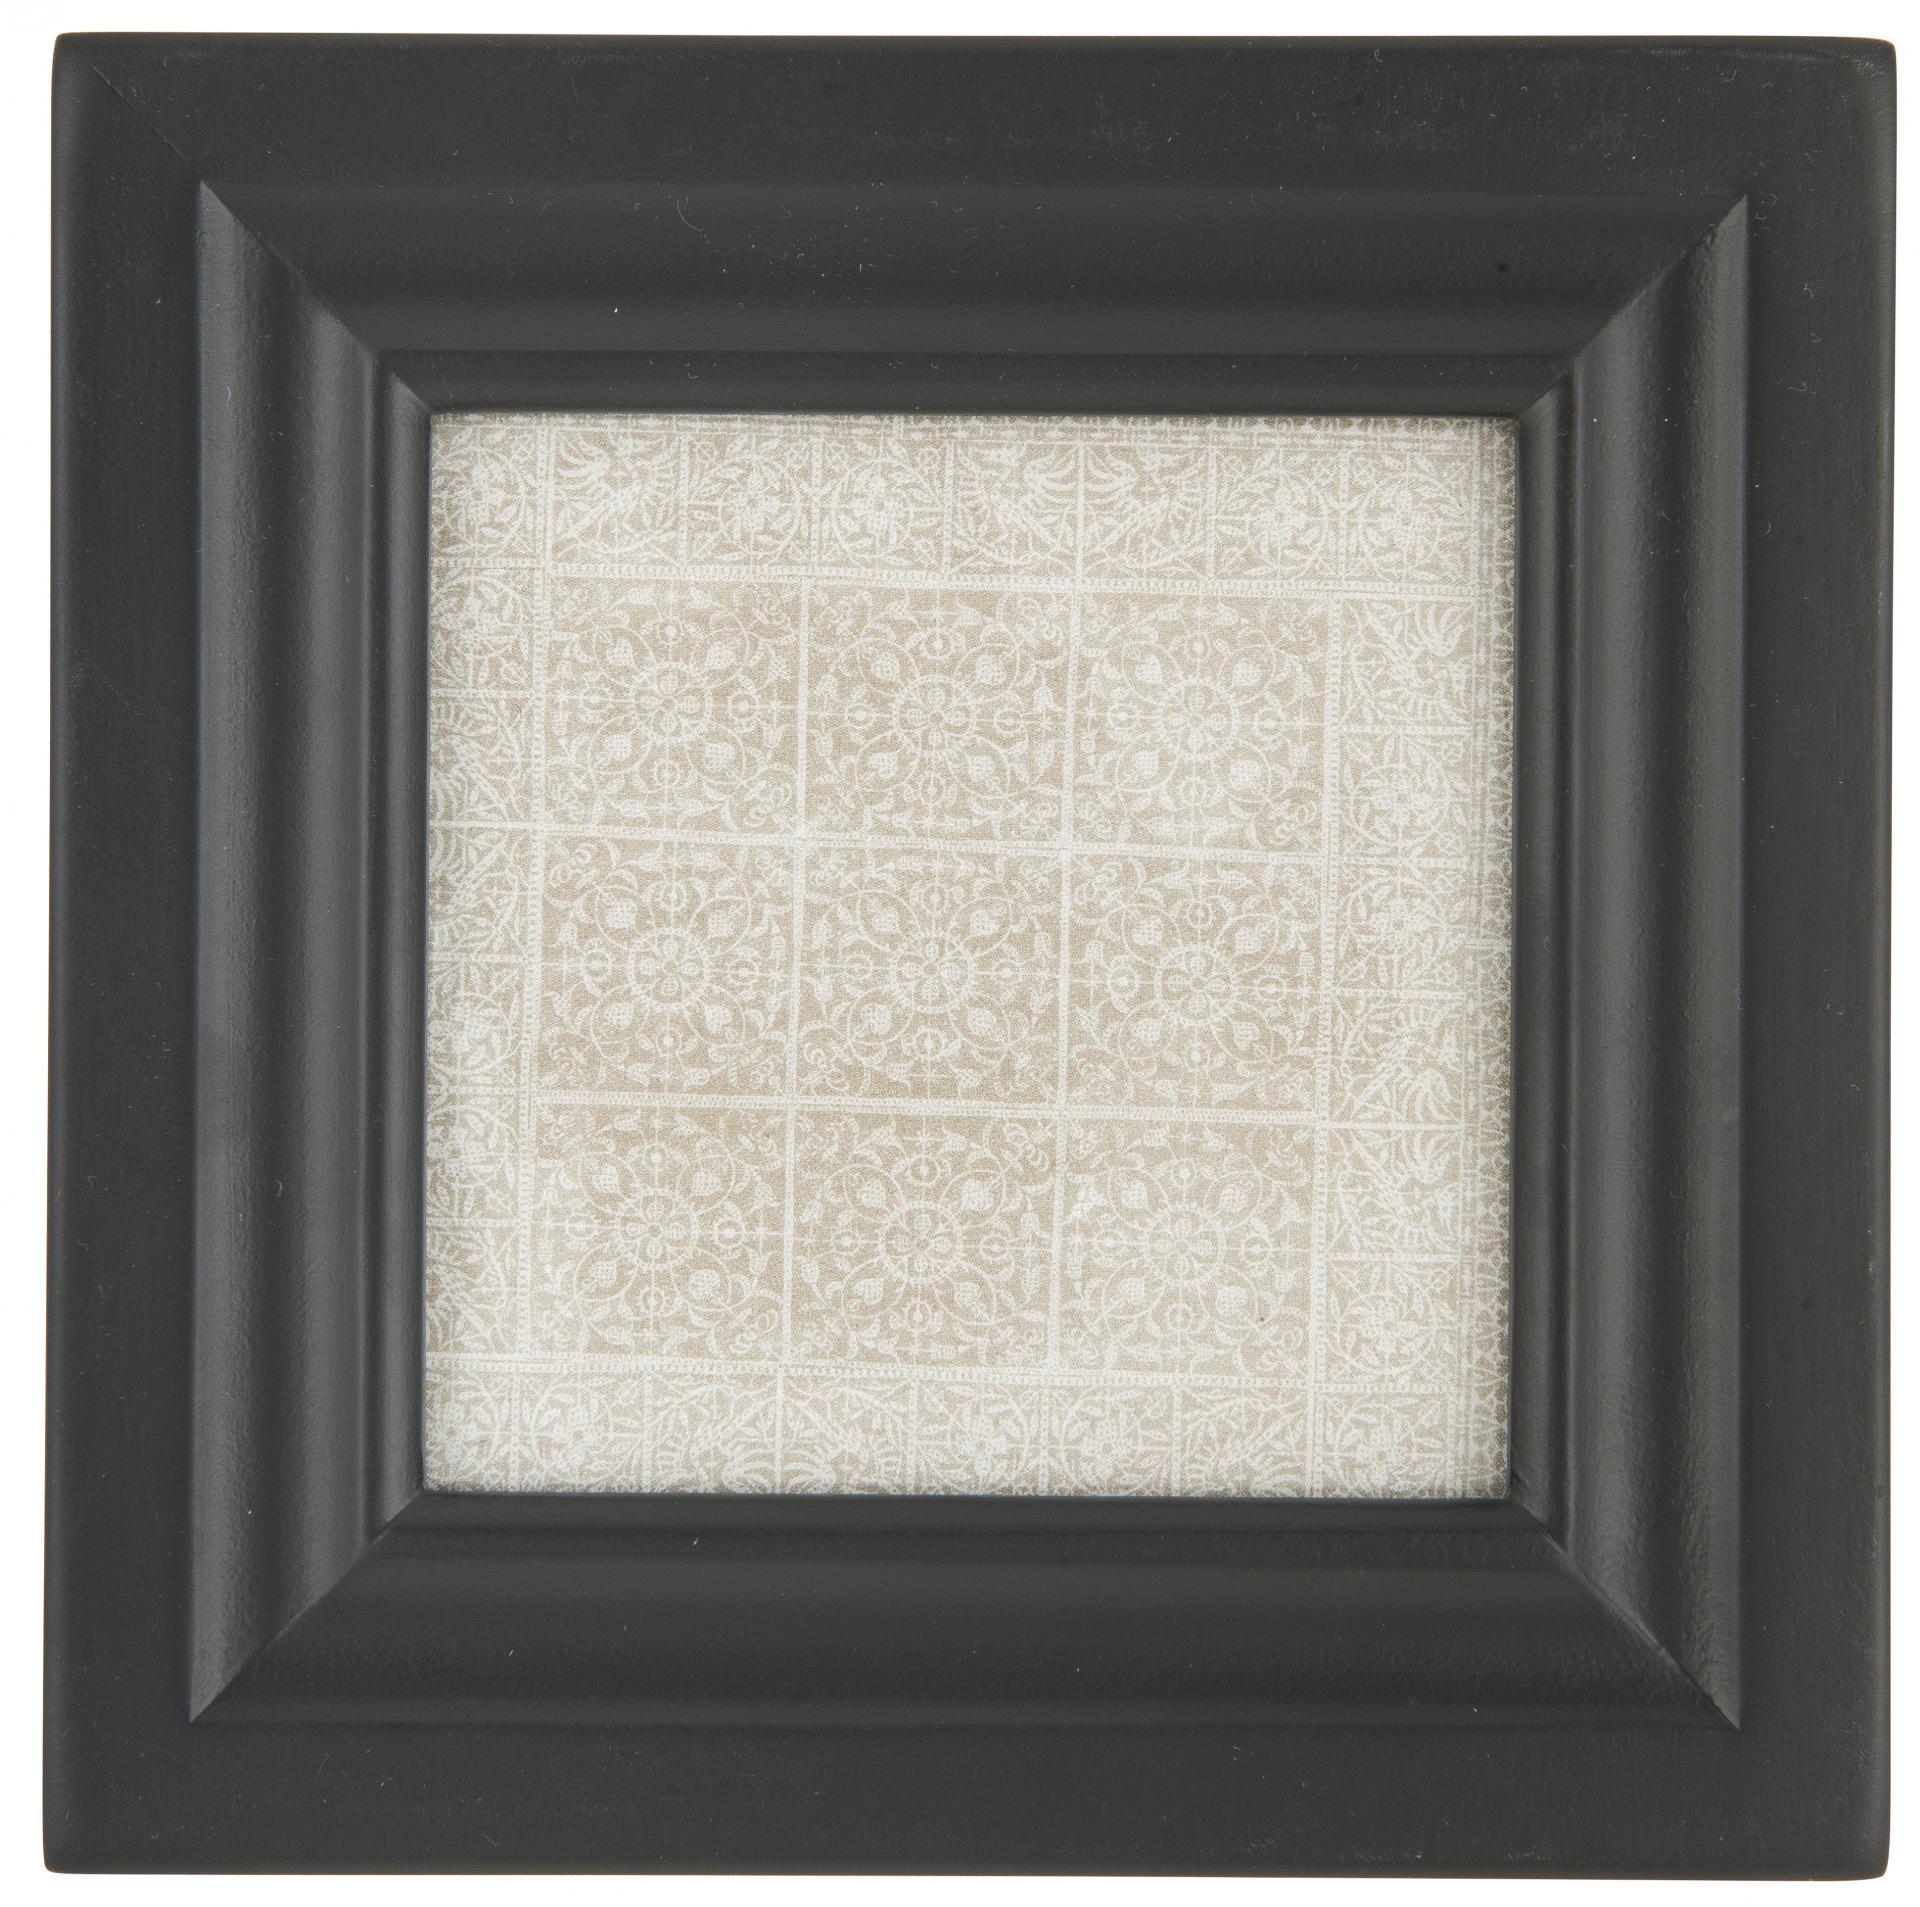 IB LAURSEN Dřevěný rámeček Mix-It Black (foto 9x9 cm), černá barva, dřevo